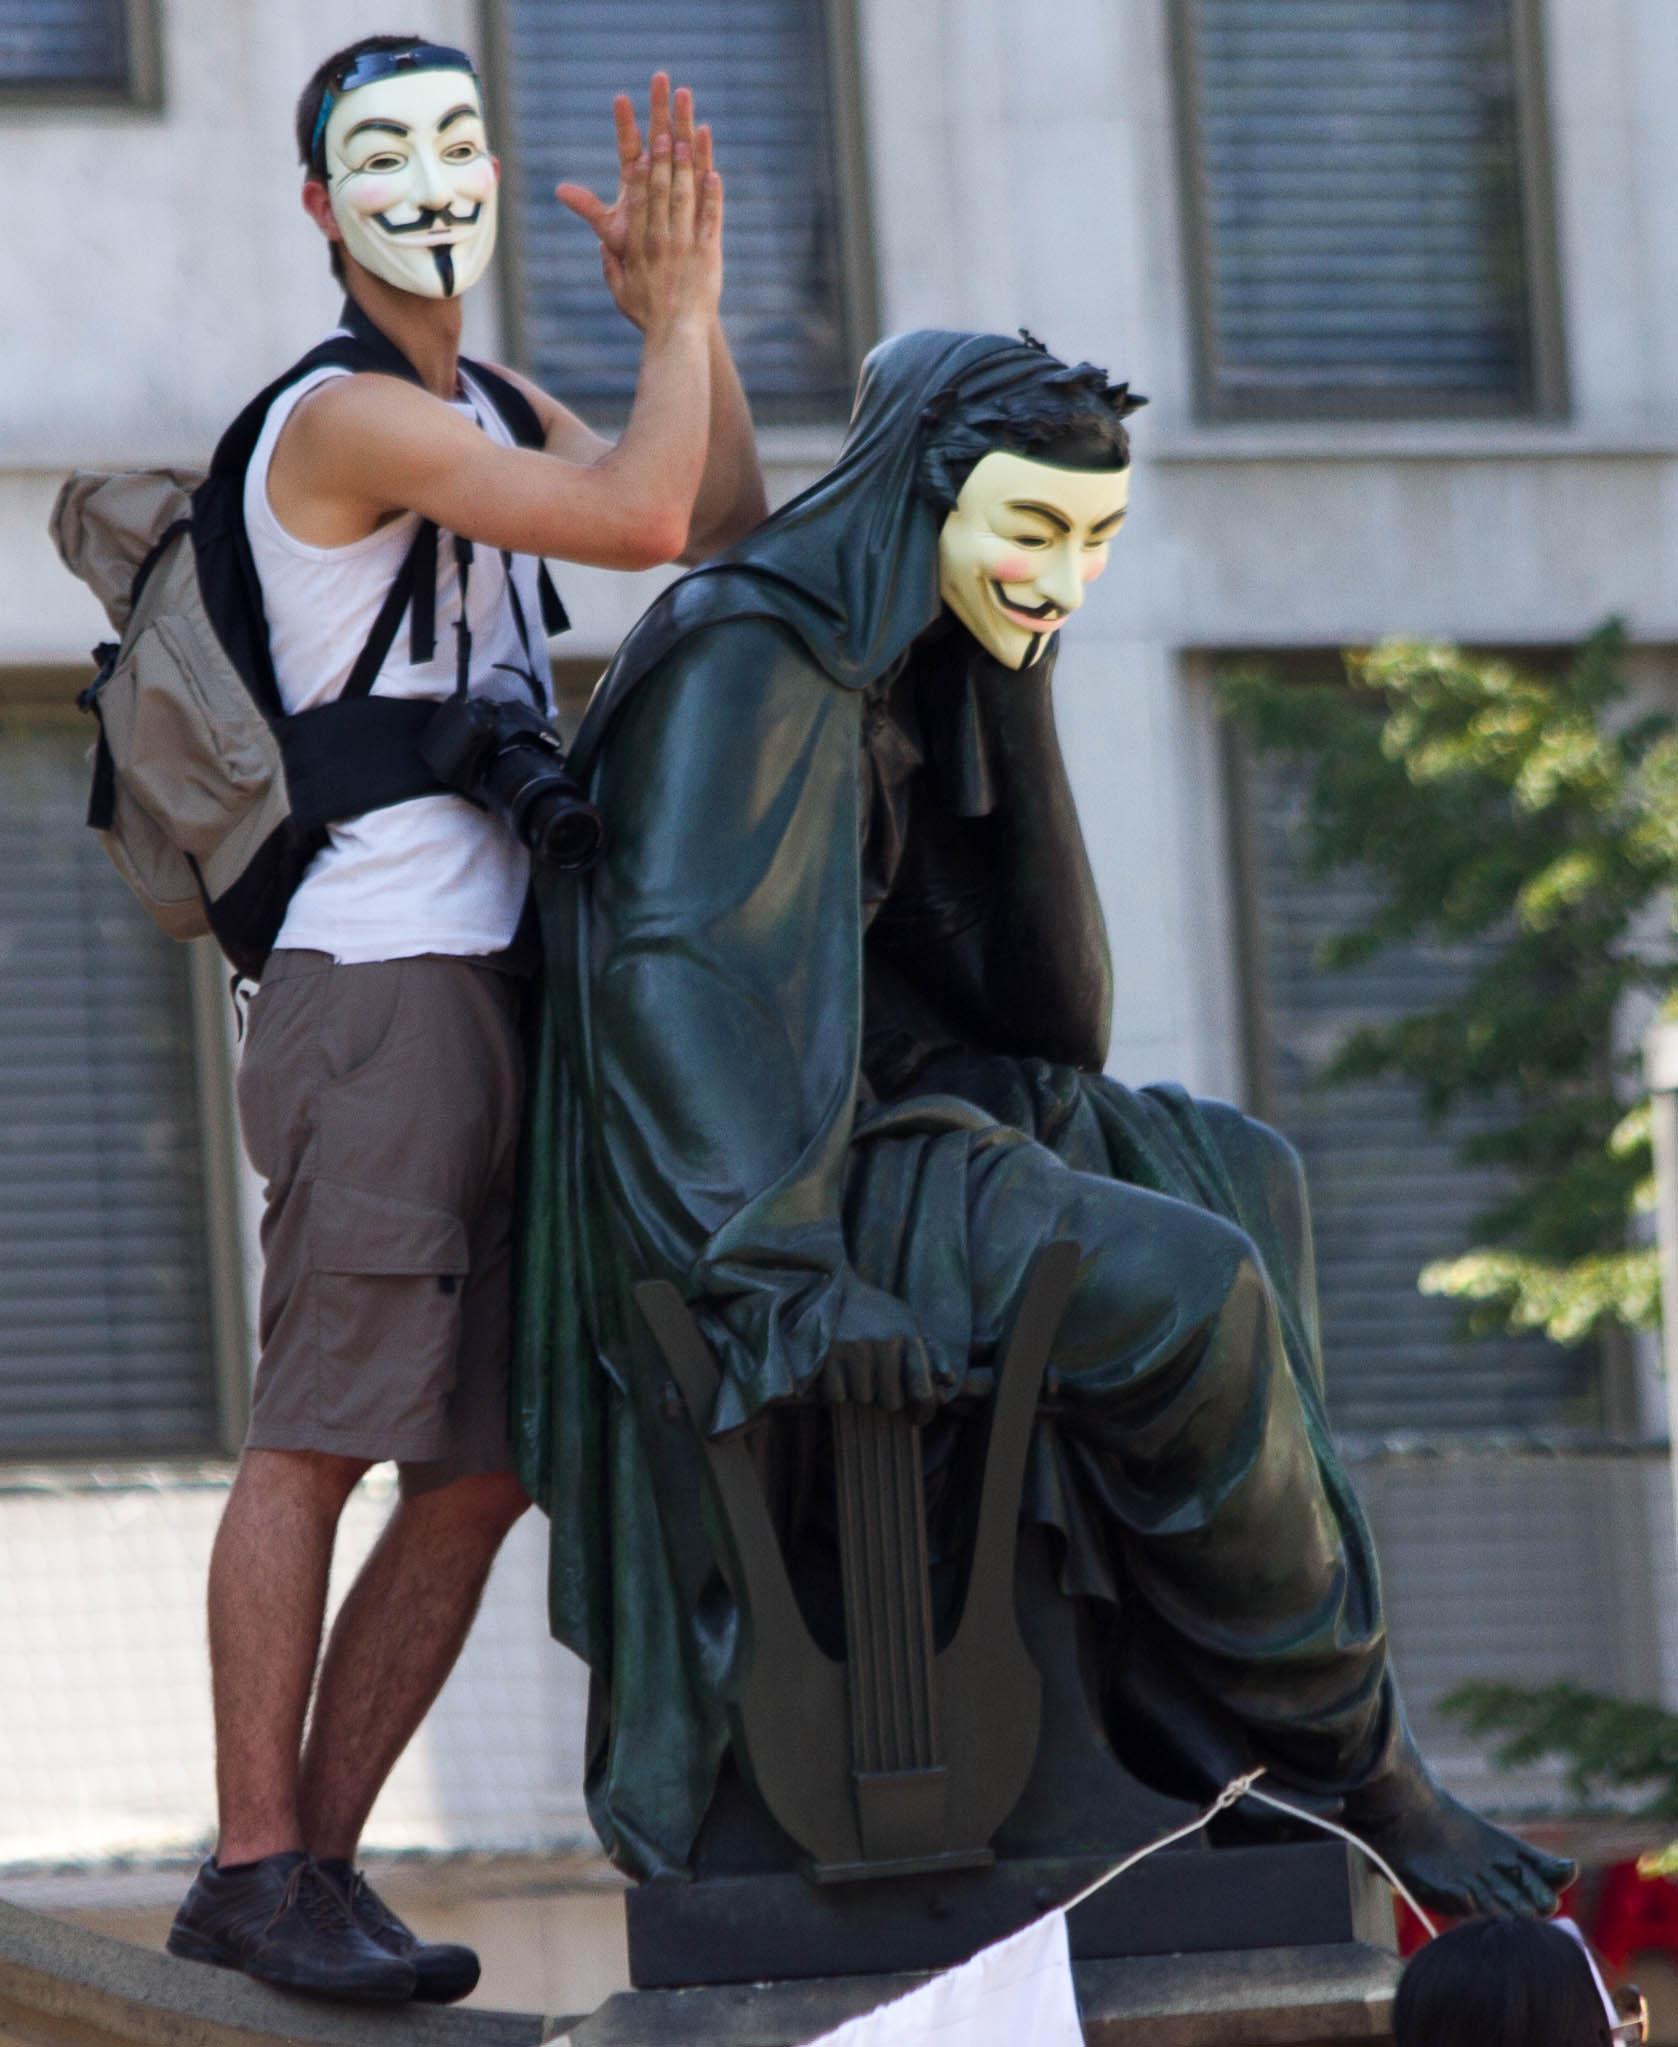 Bericht zur Anti-Prism Demo in Frankfurt